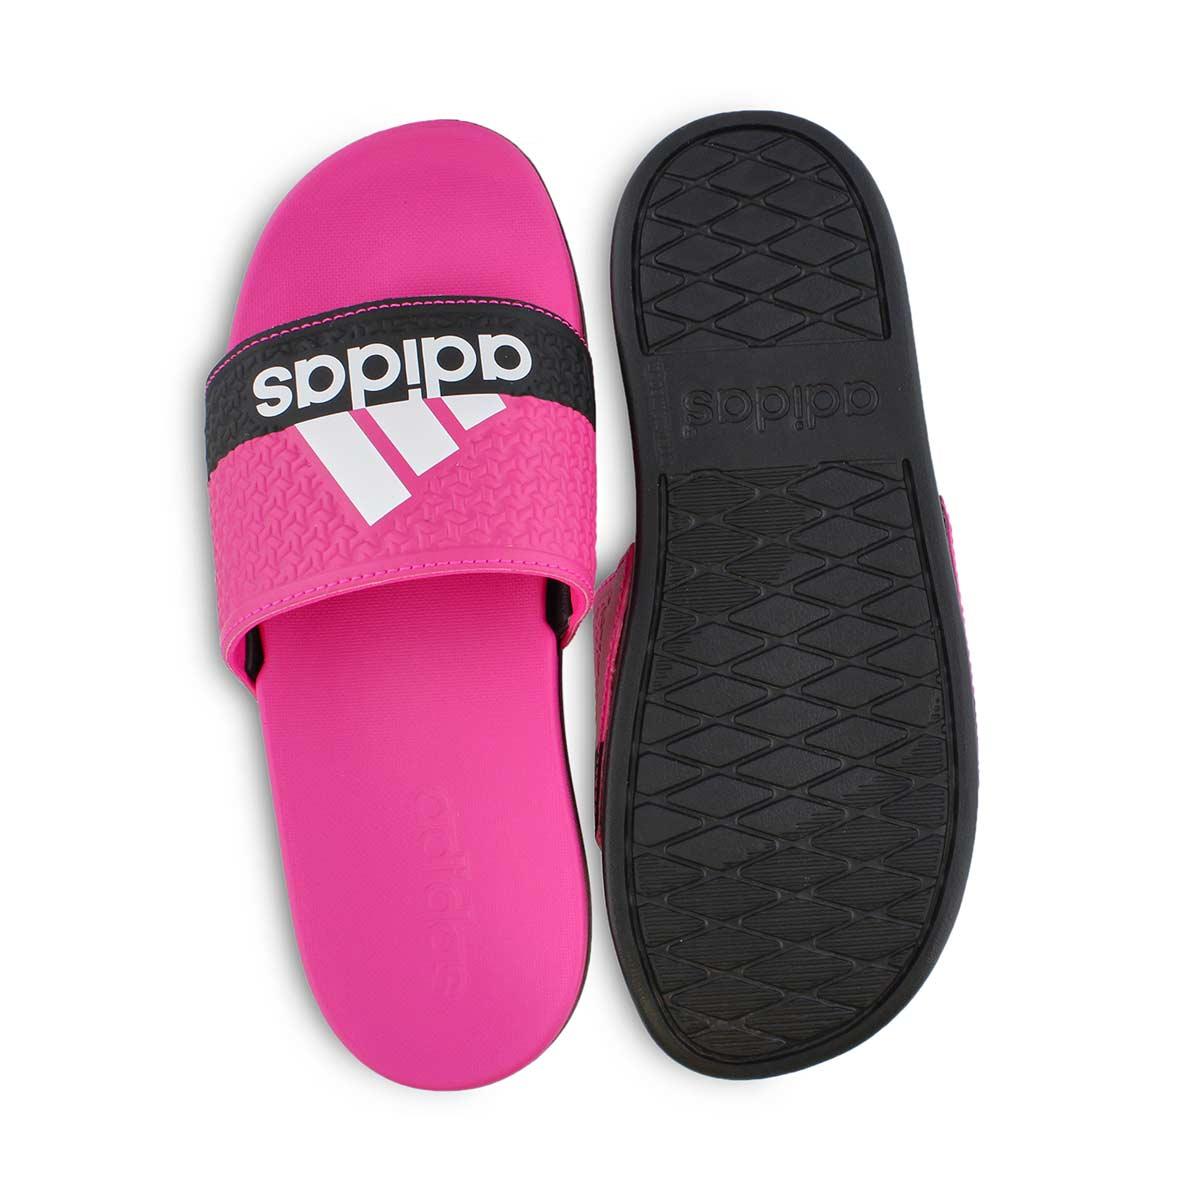 Grls Adilette Comfort pink/blk slide